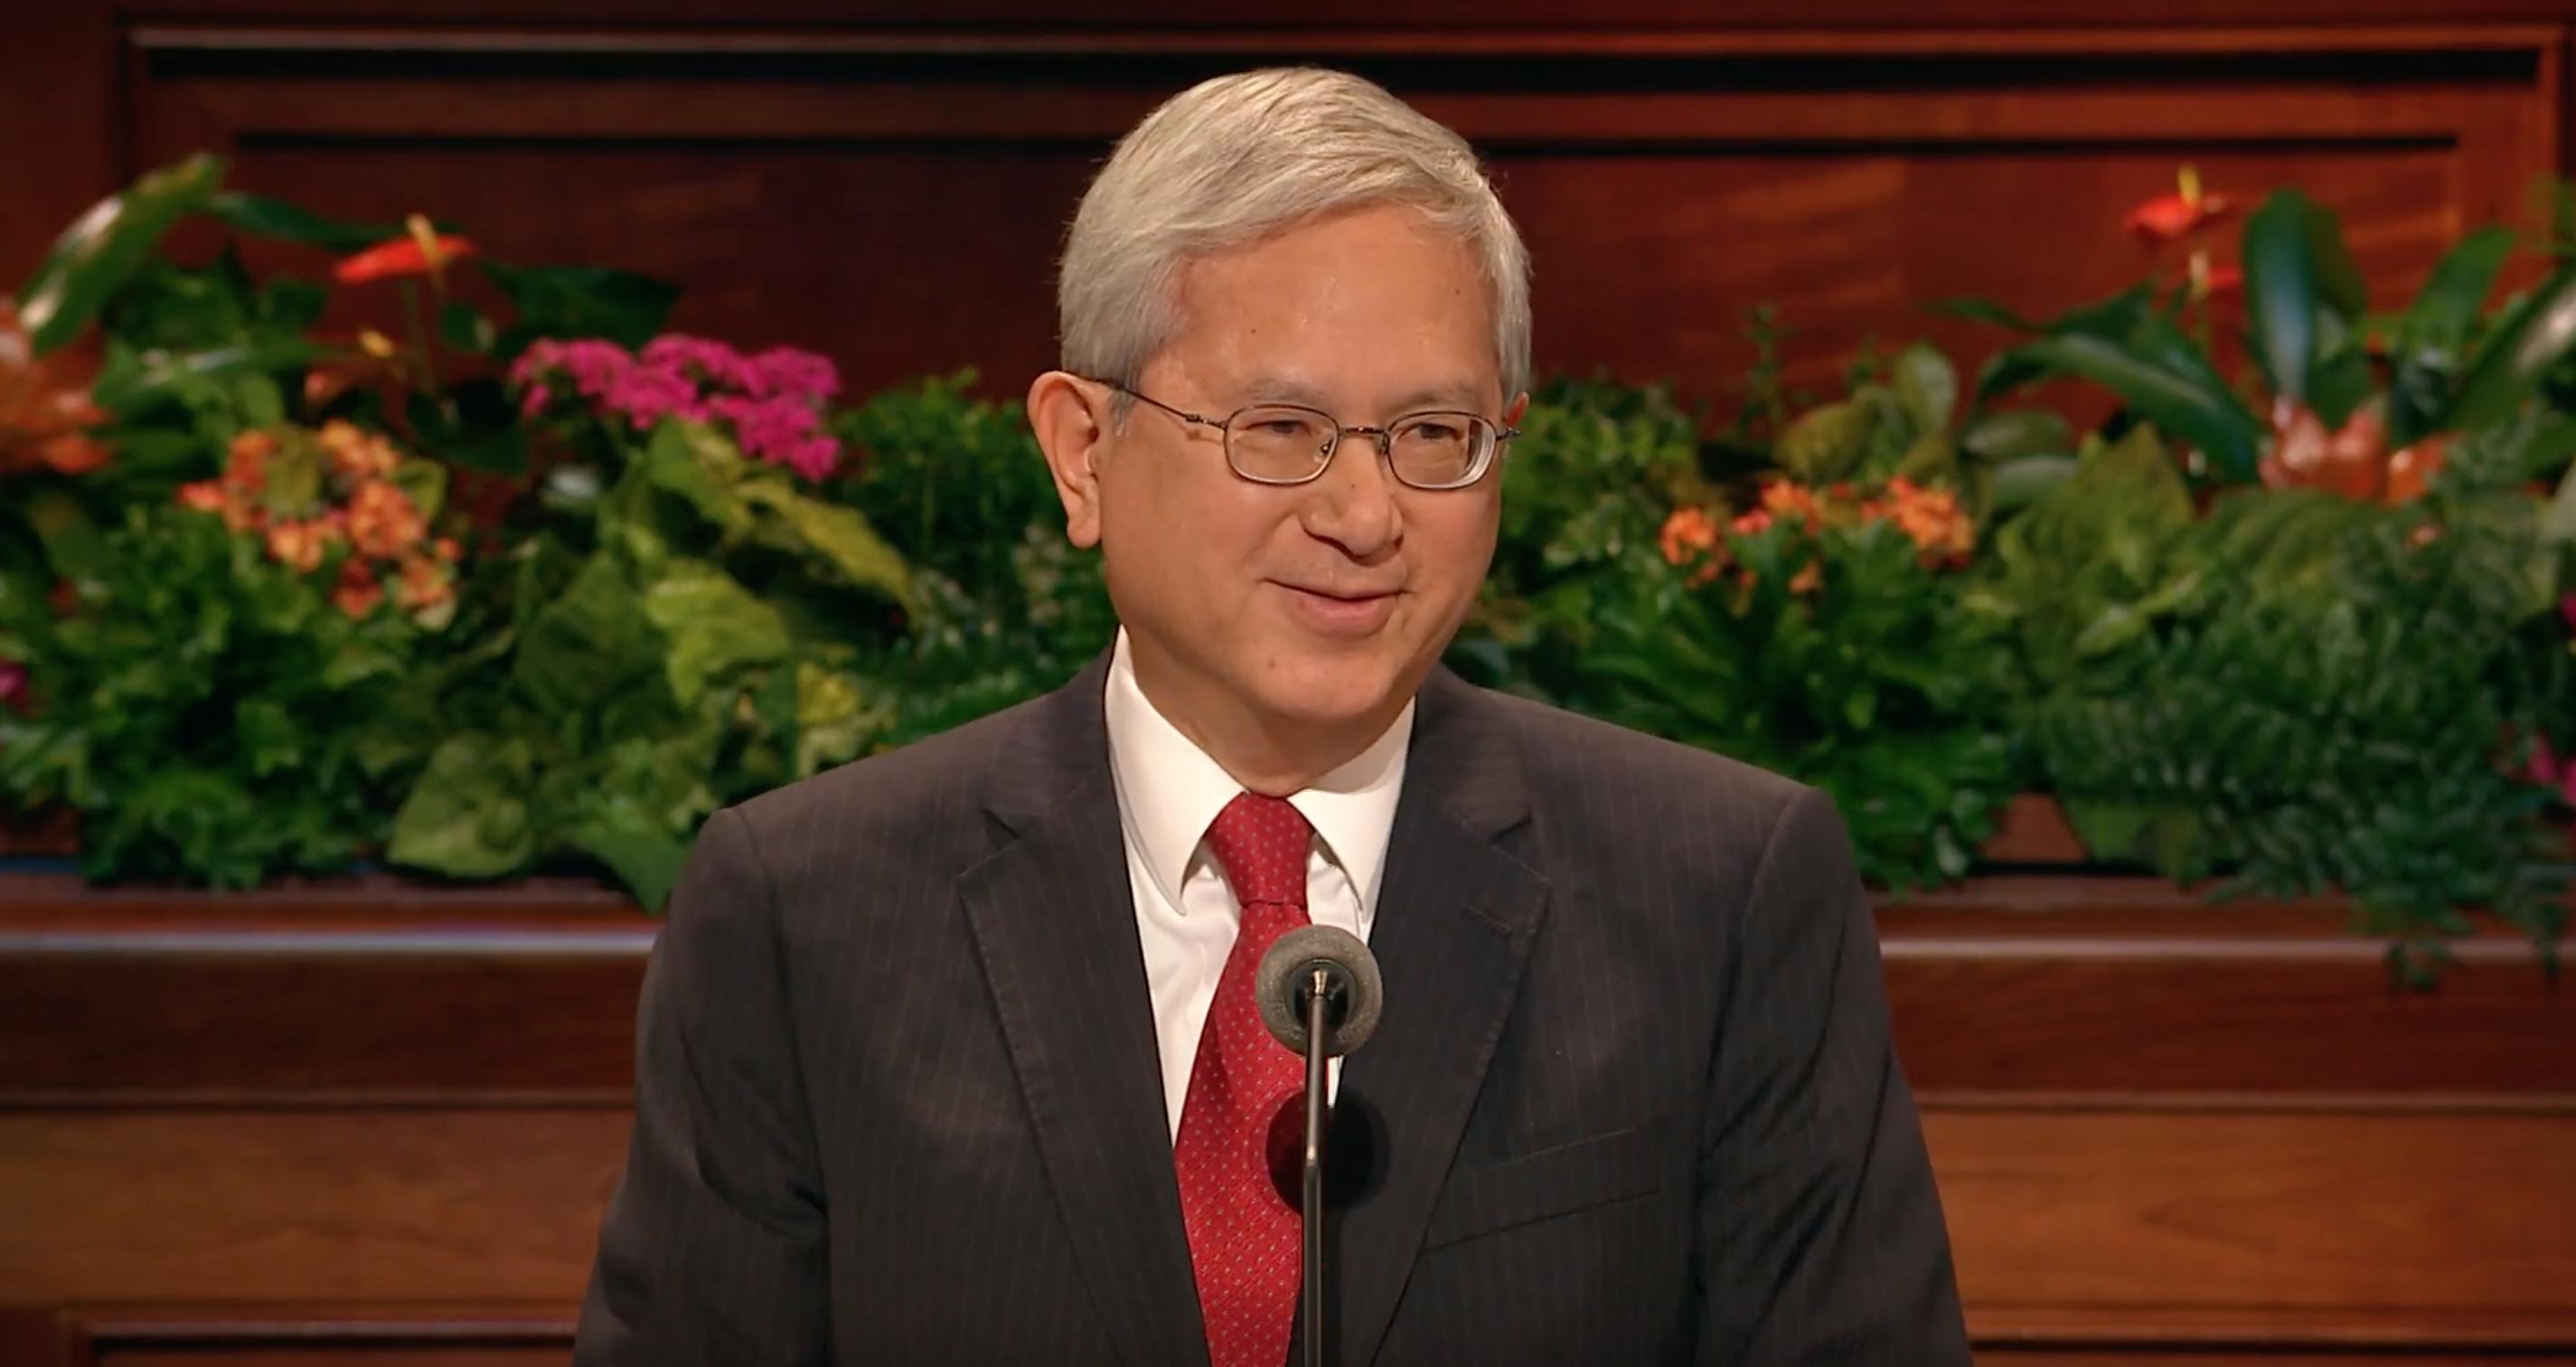 Elder Gerrit W. Gong speaks during October 2018 general conference.